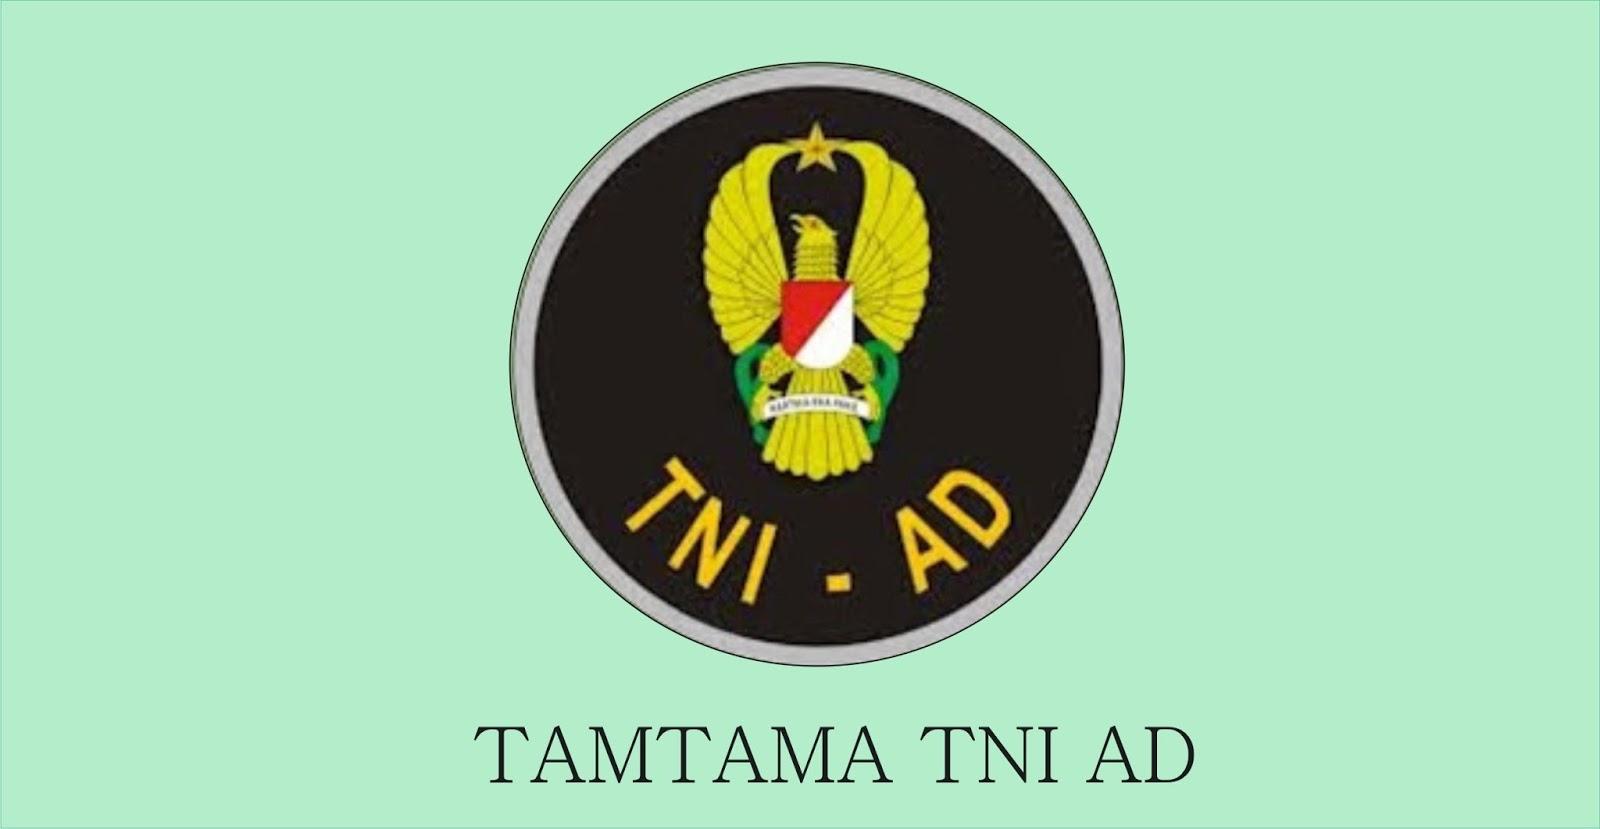 Telah Dibuka Pendaftaran Tamtama Tni Ad Gel I Gel Ii Ta 2021 2022 Pendaftaran Mahasiswa